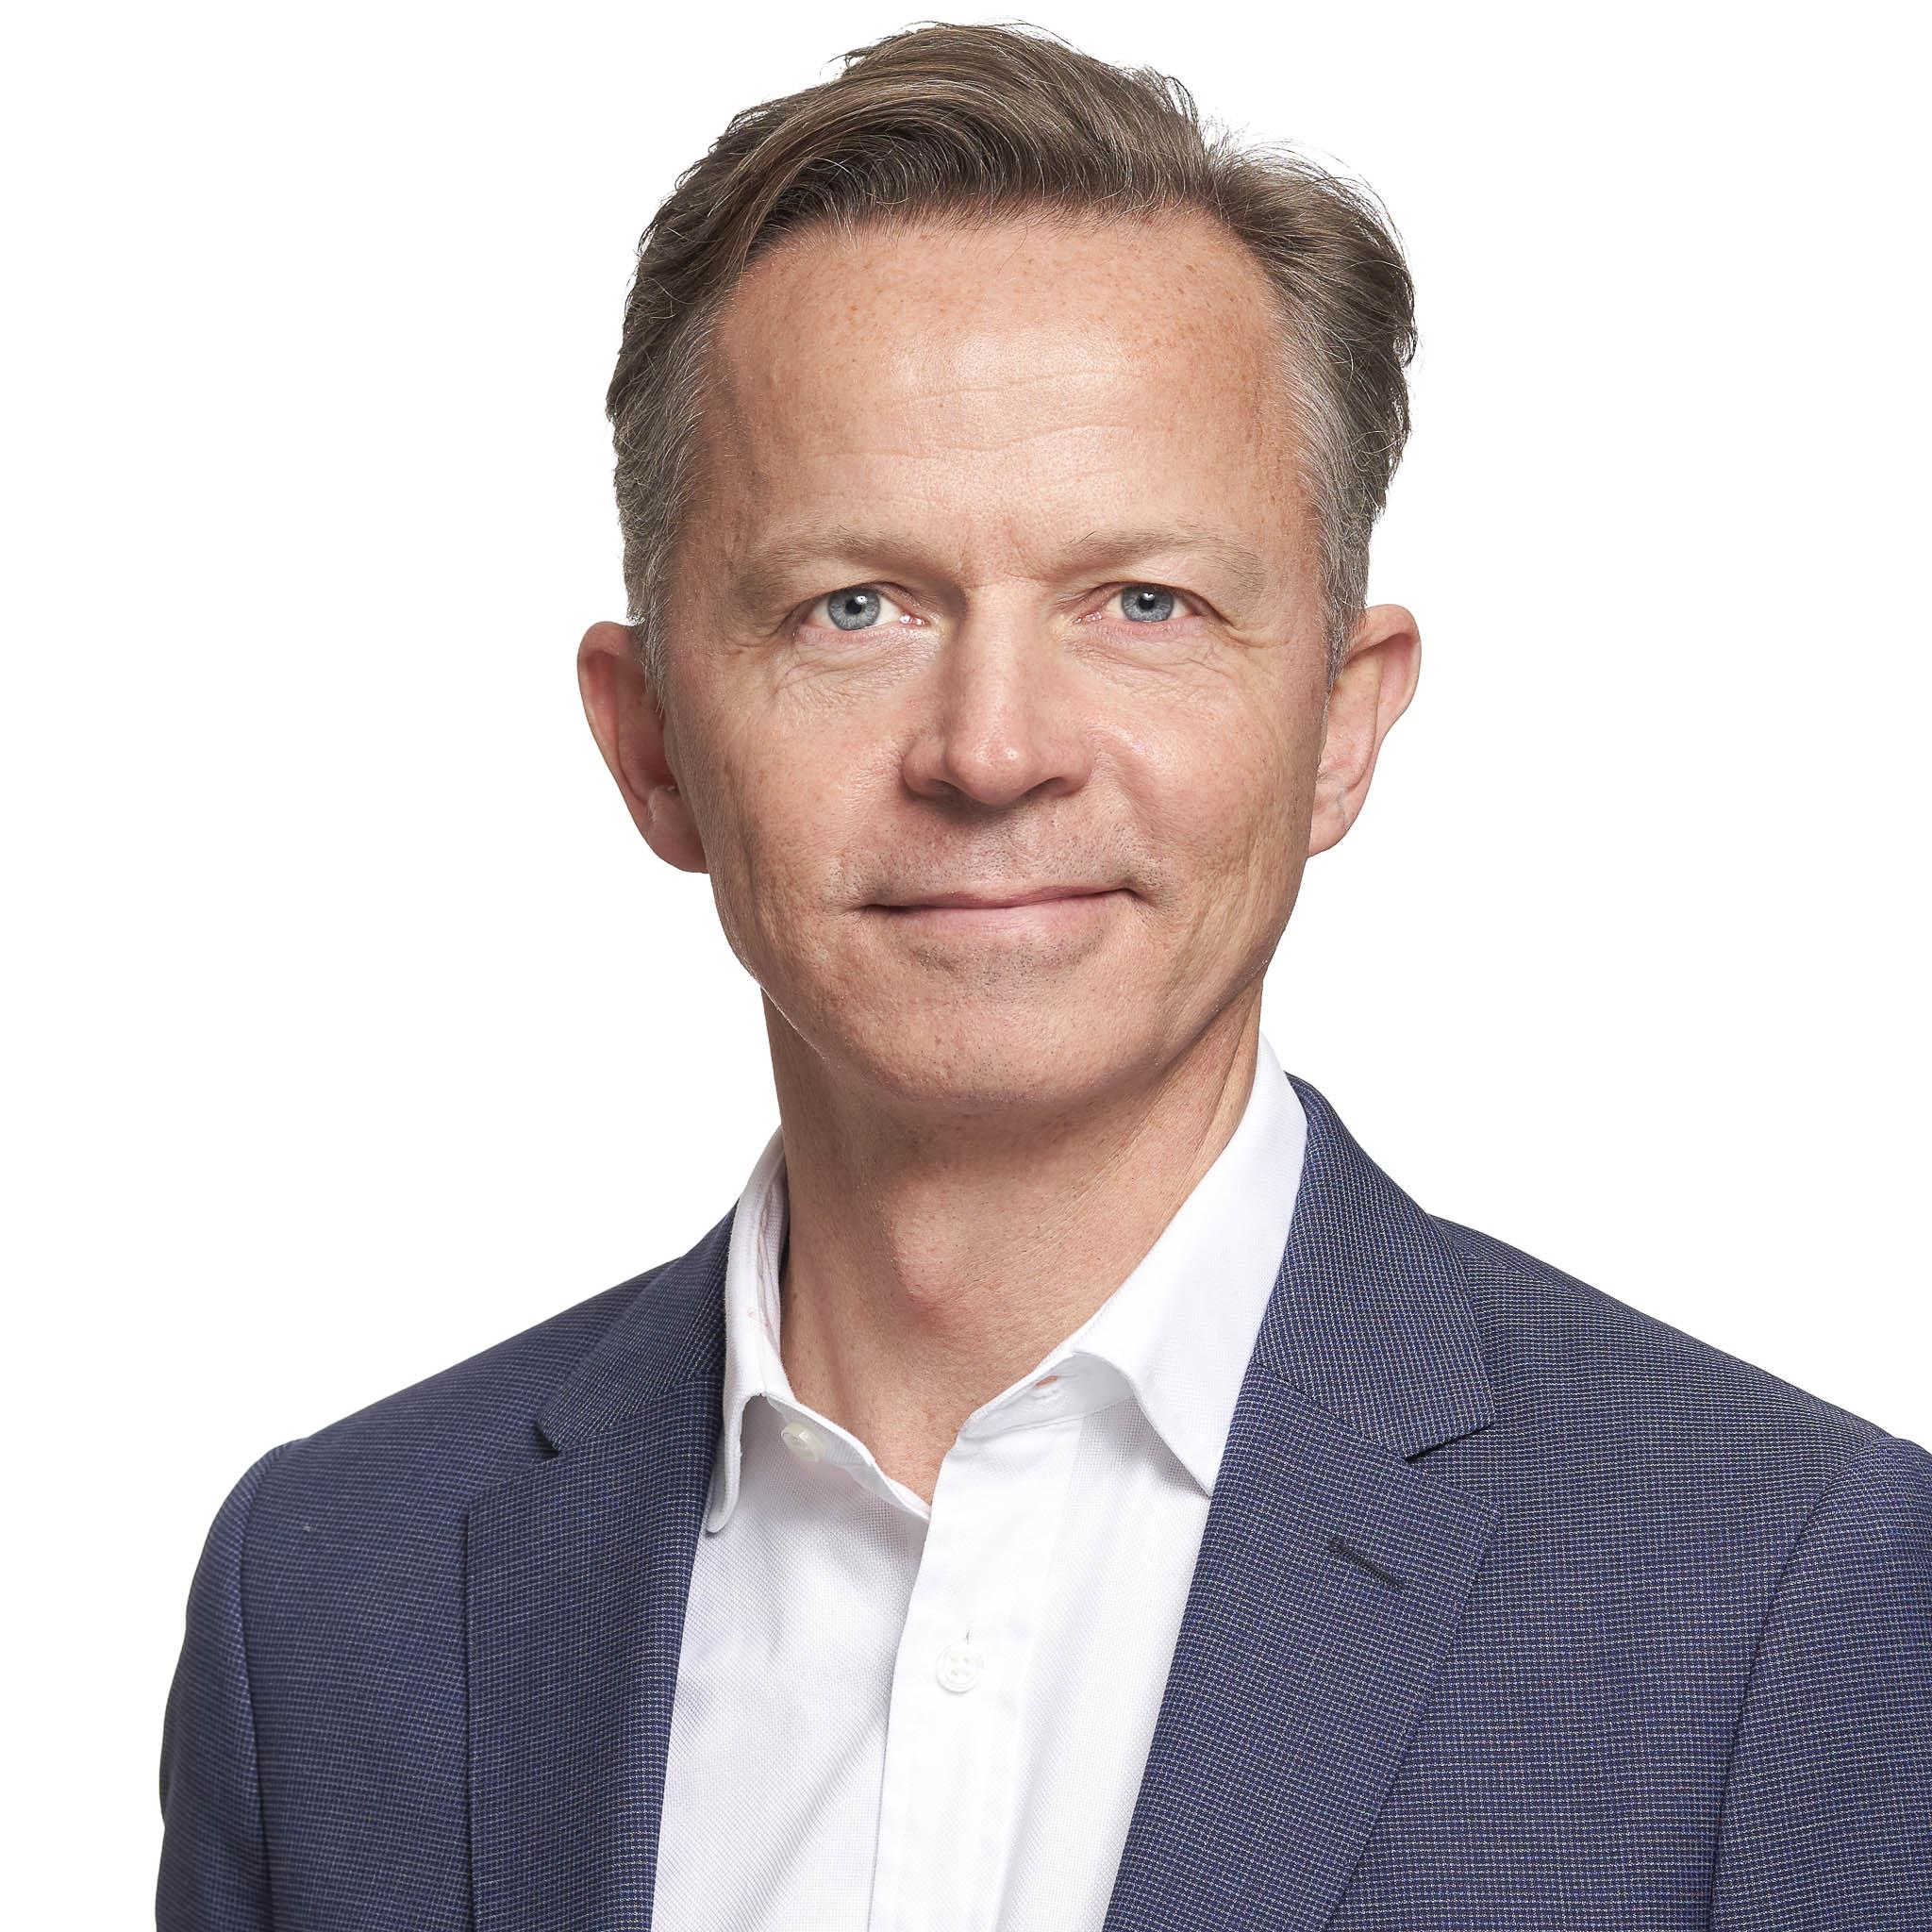 Erik Lewenhaupt